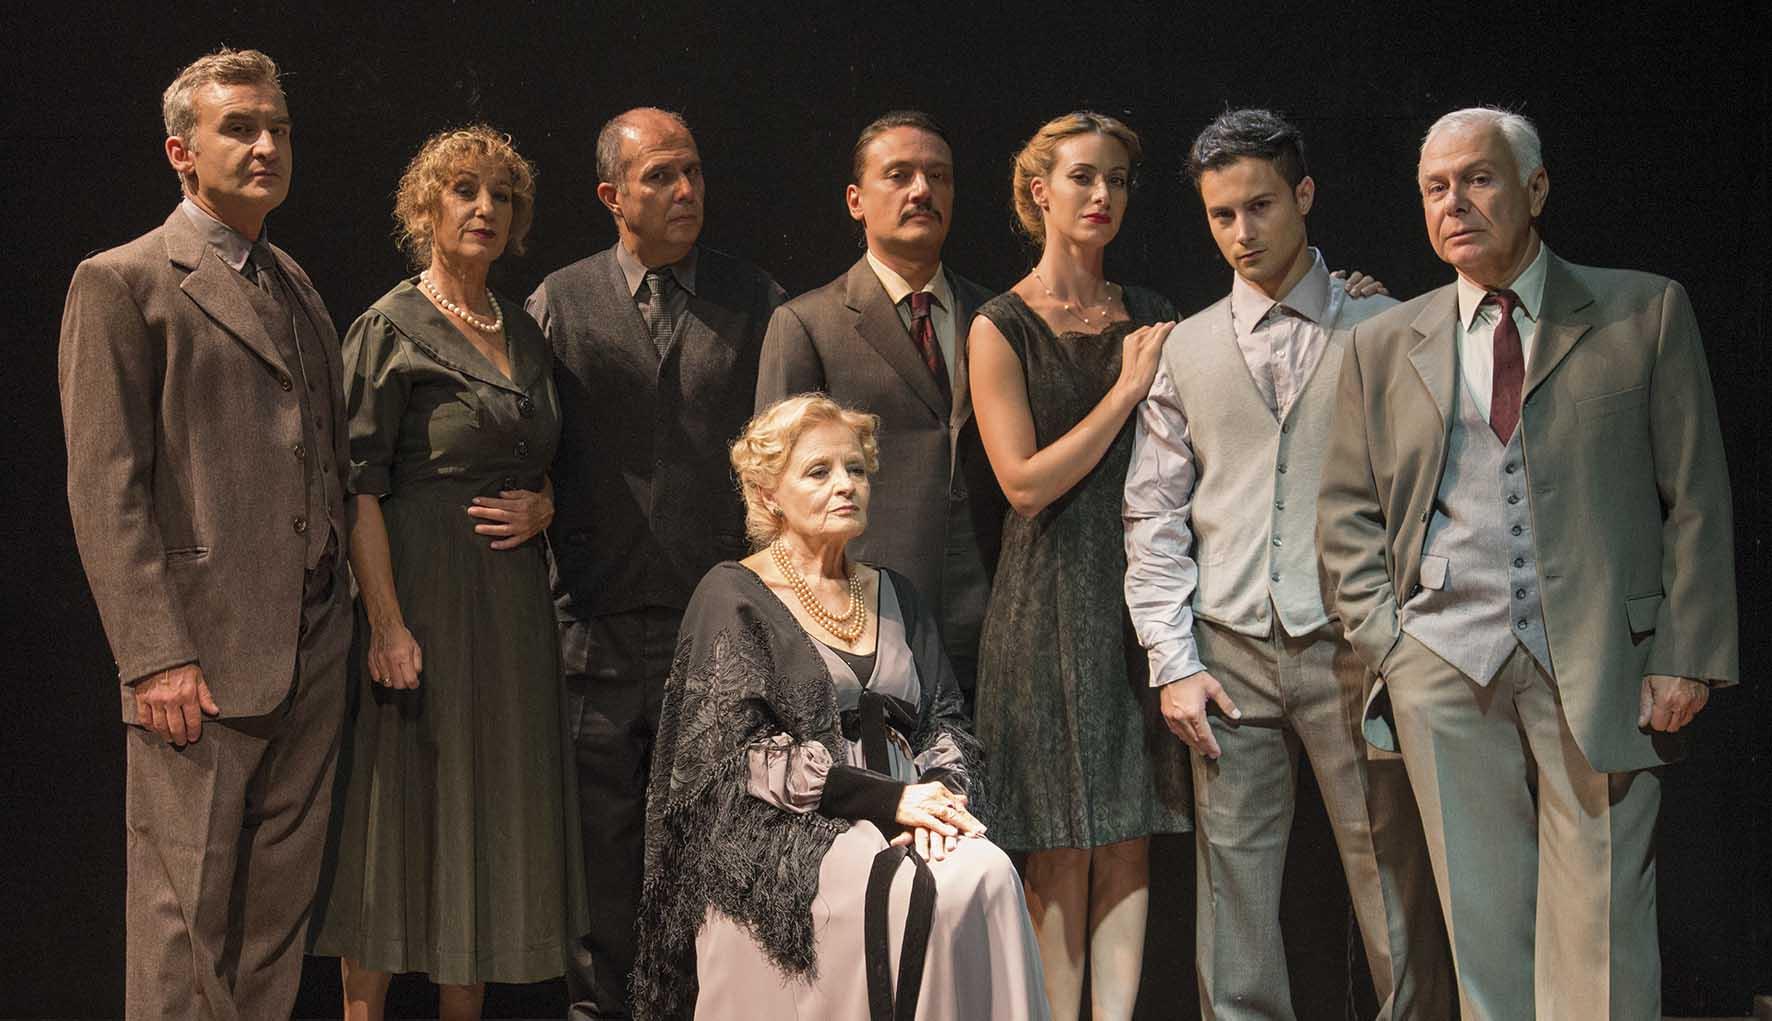 Είδαμε την παράσταση «Απρόσκλητος Επισκέπτης» στο Θέατρο ELIART